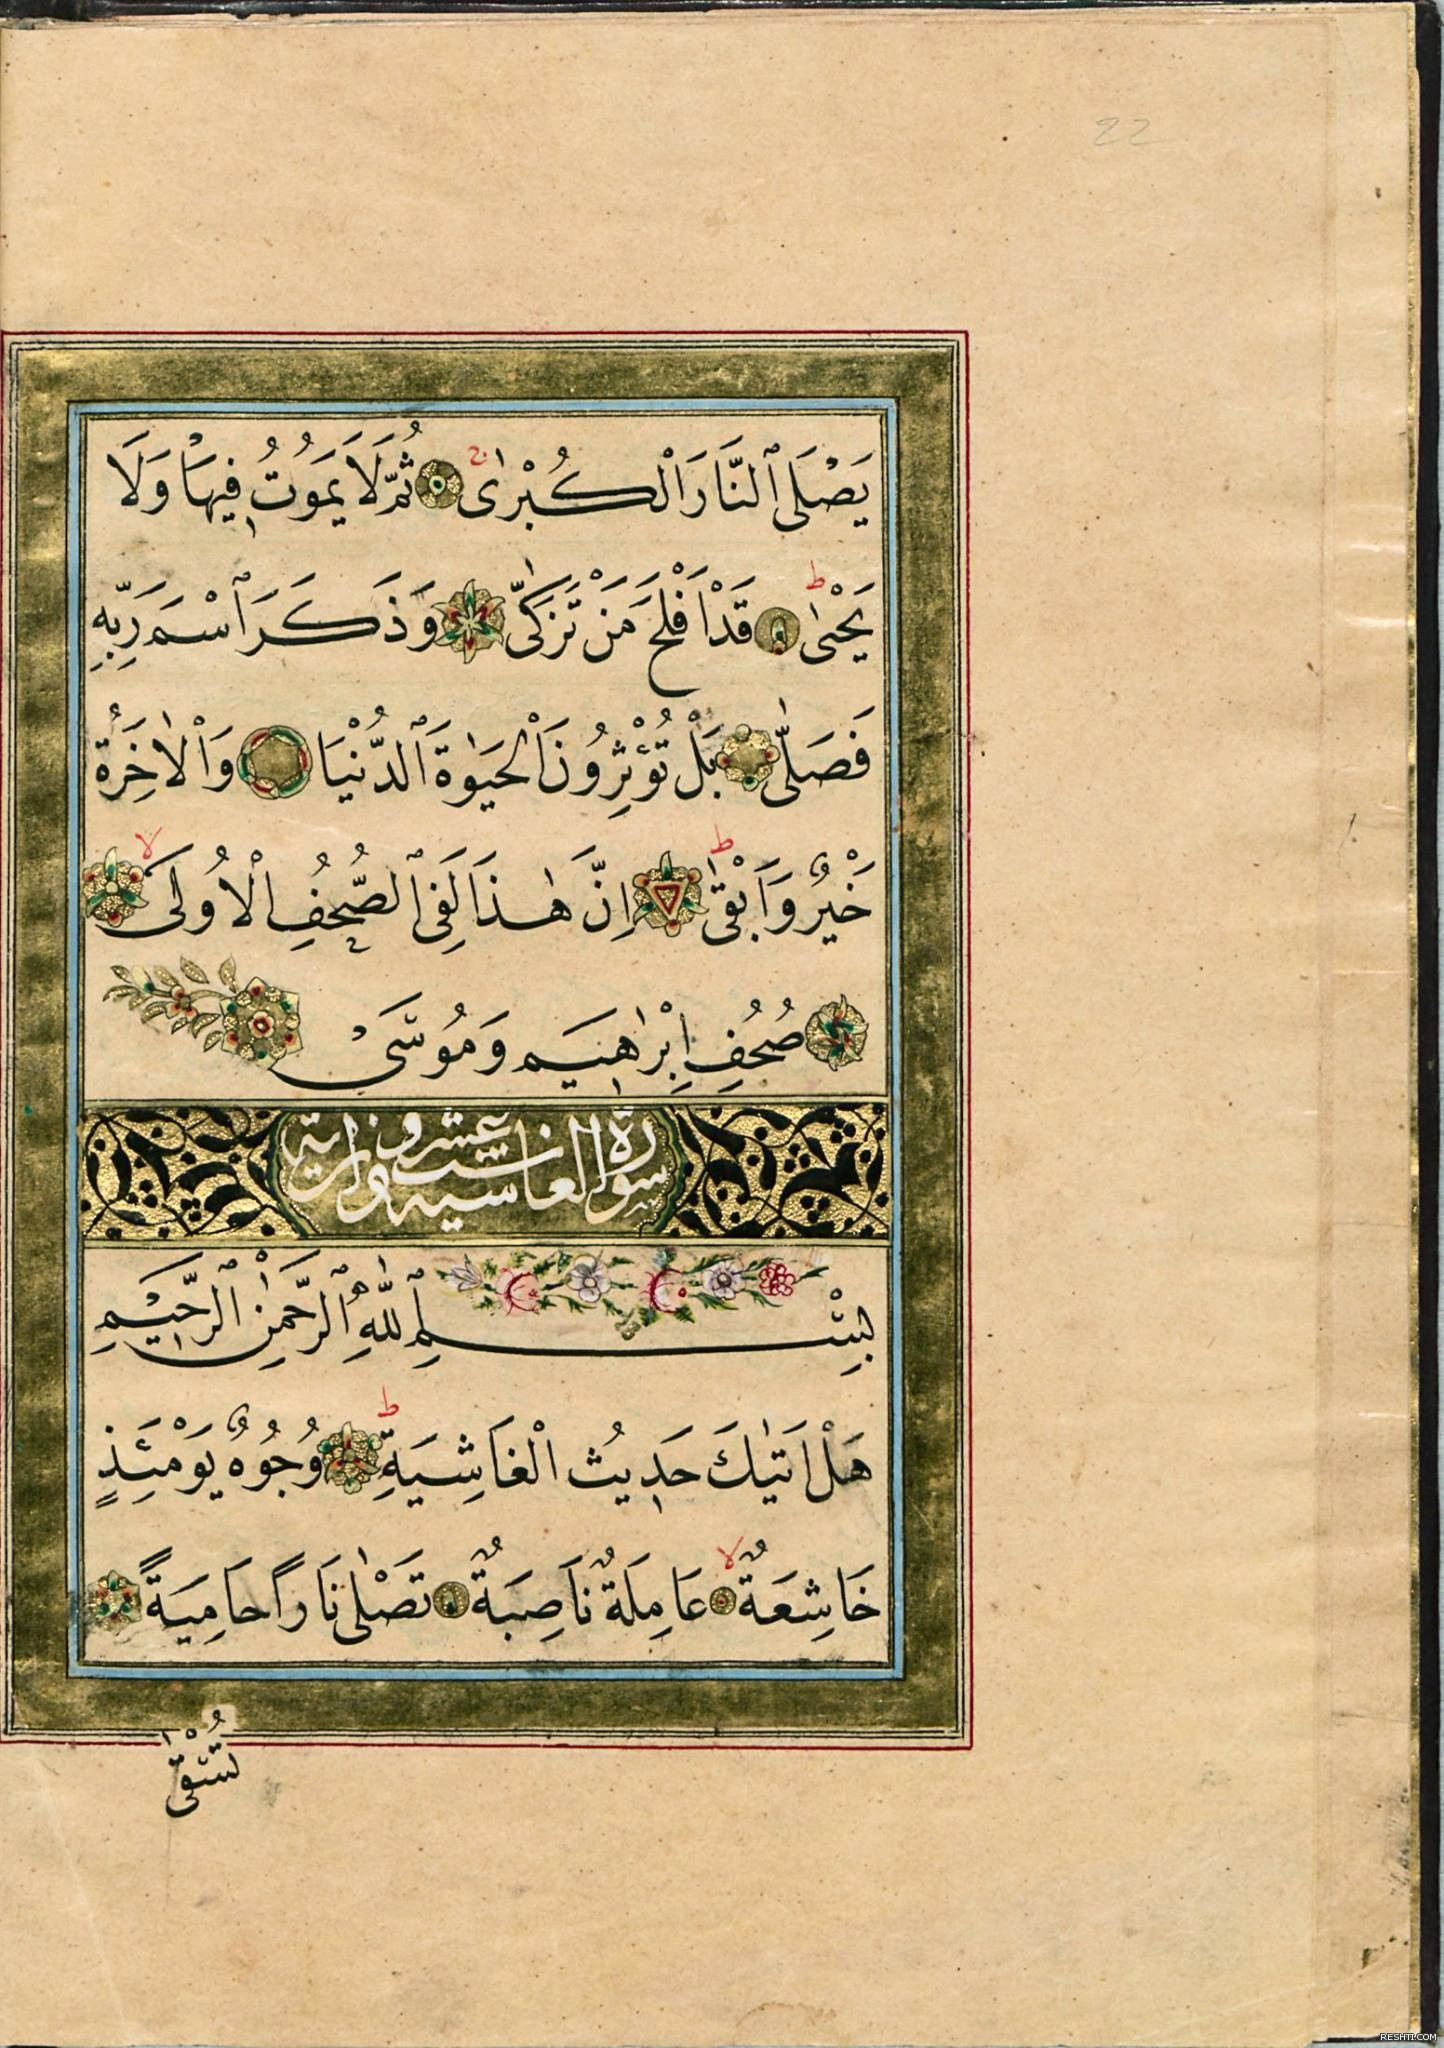 جزء عم لخطاط الحرم النبوي السيد عبد الله الزهدي التميمي 2